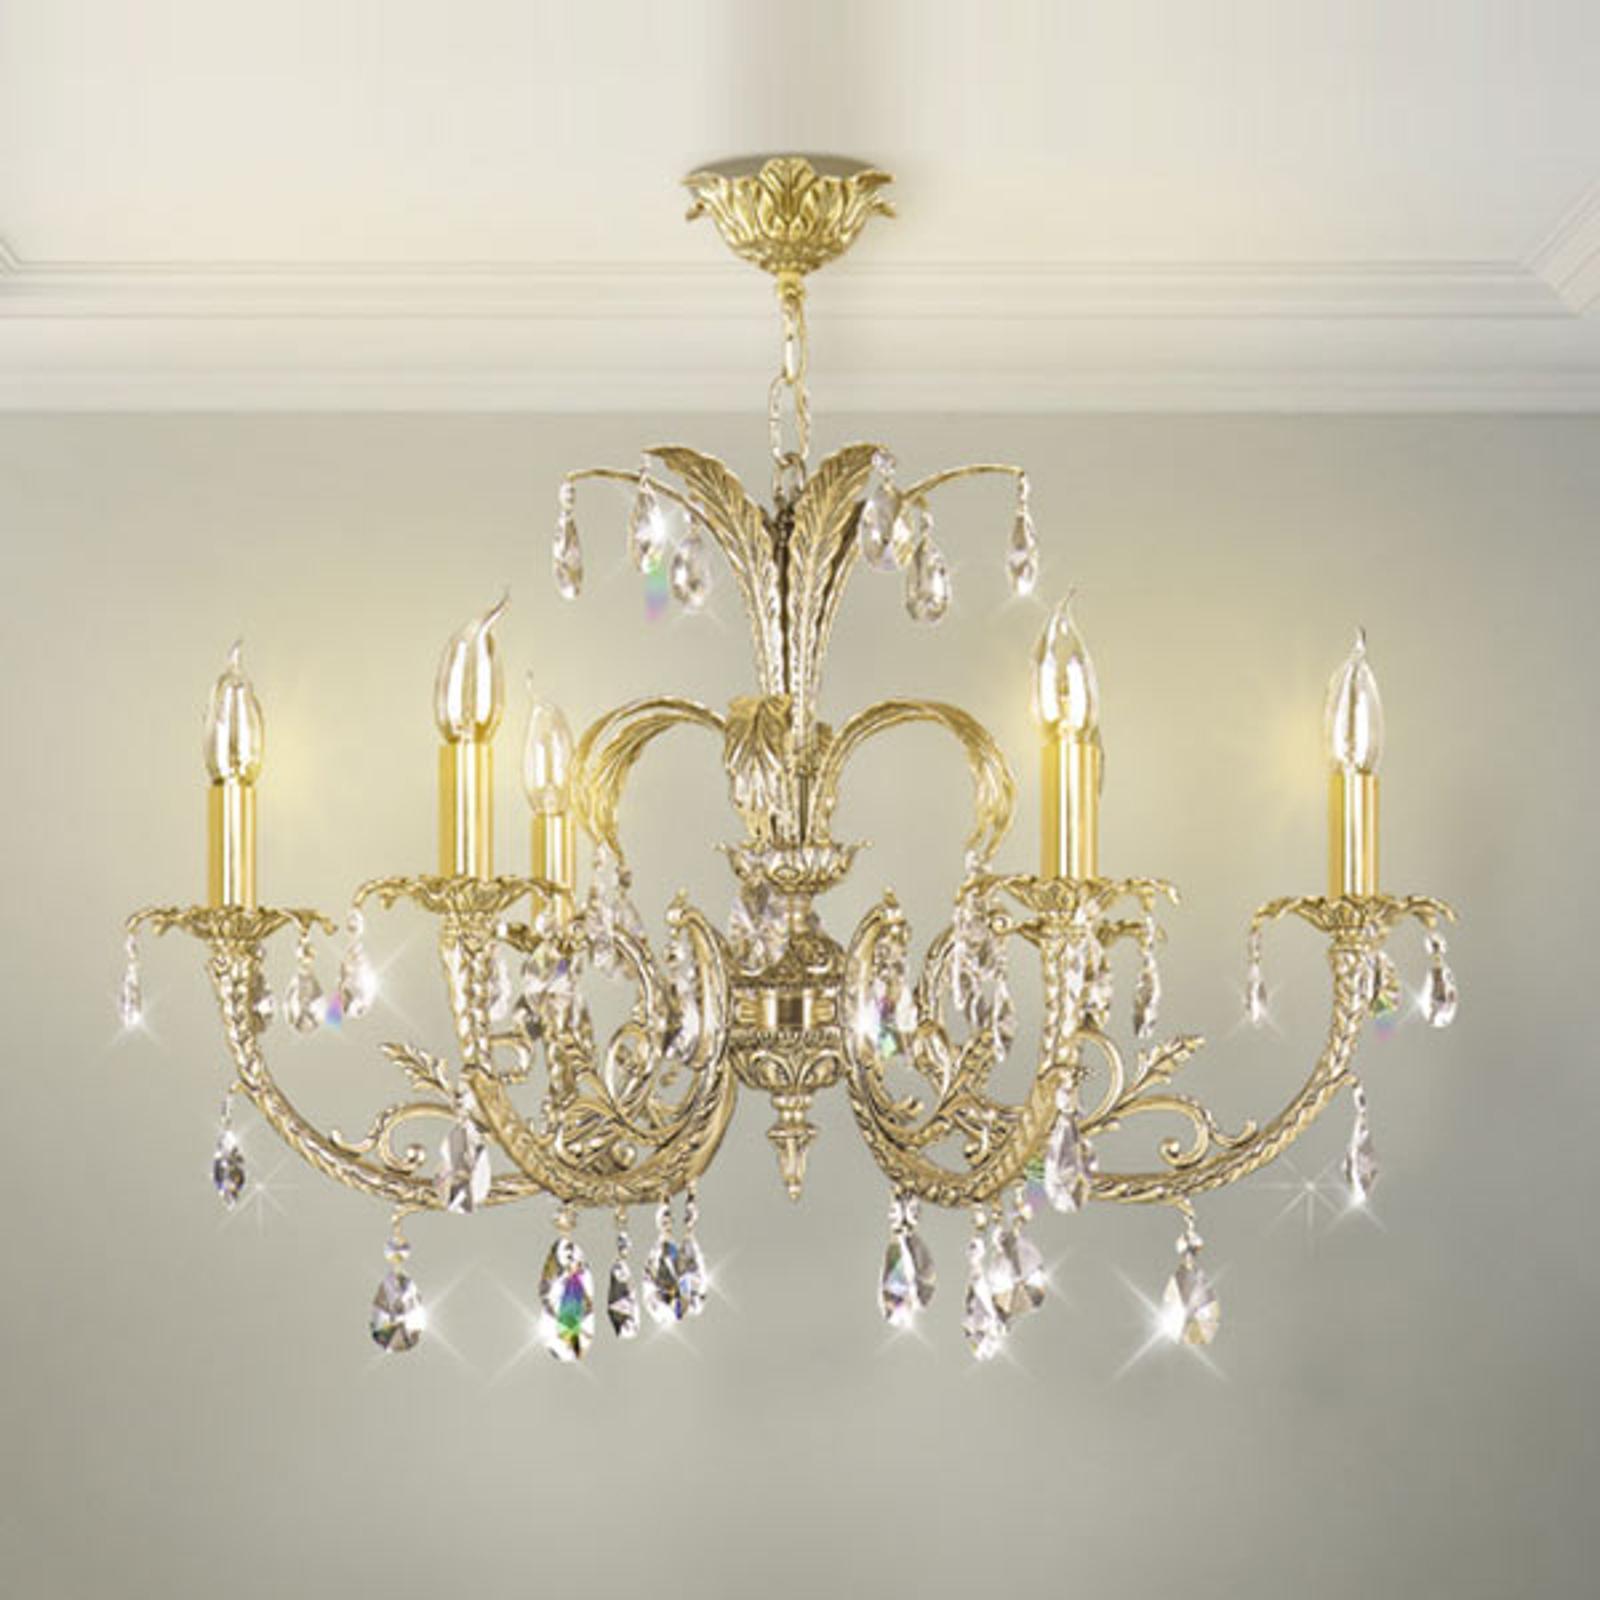 Lampadario cristallo Palmera, oro anticato, 6 luci